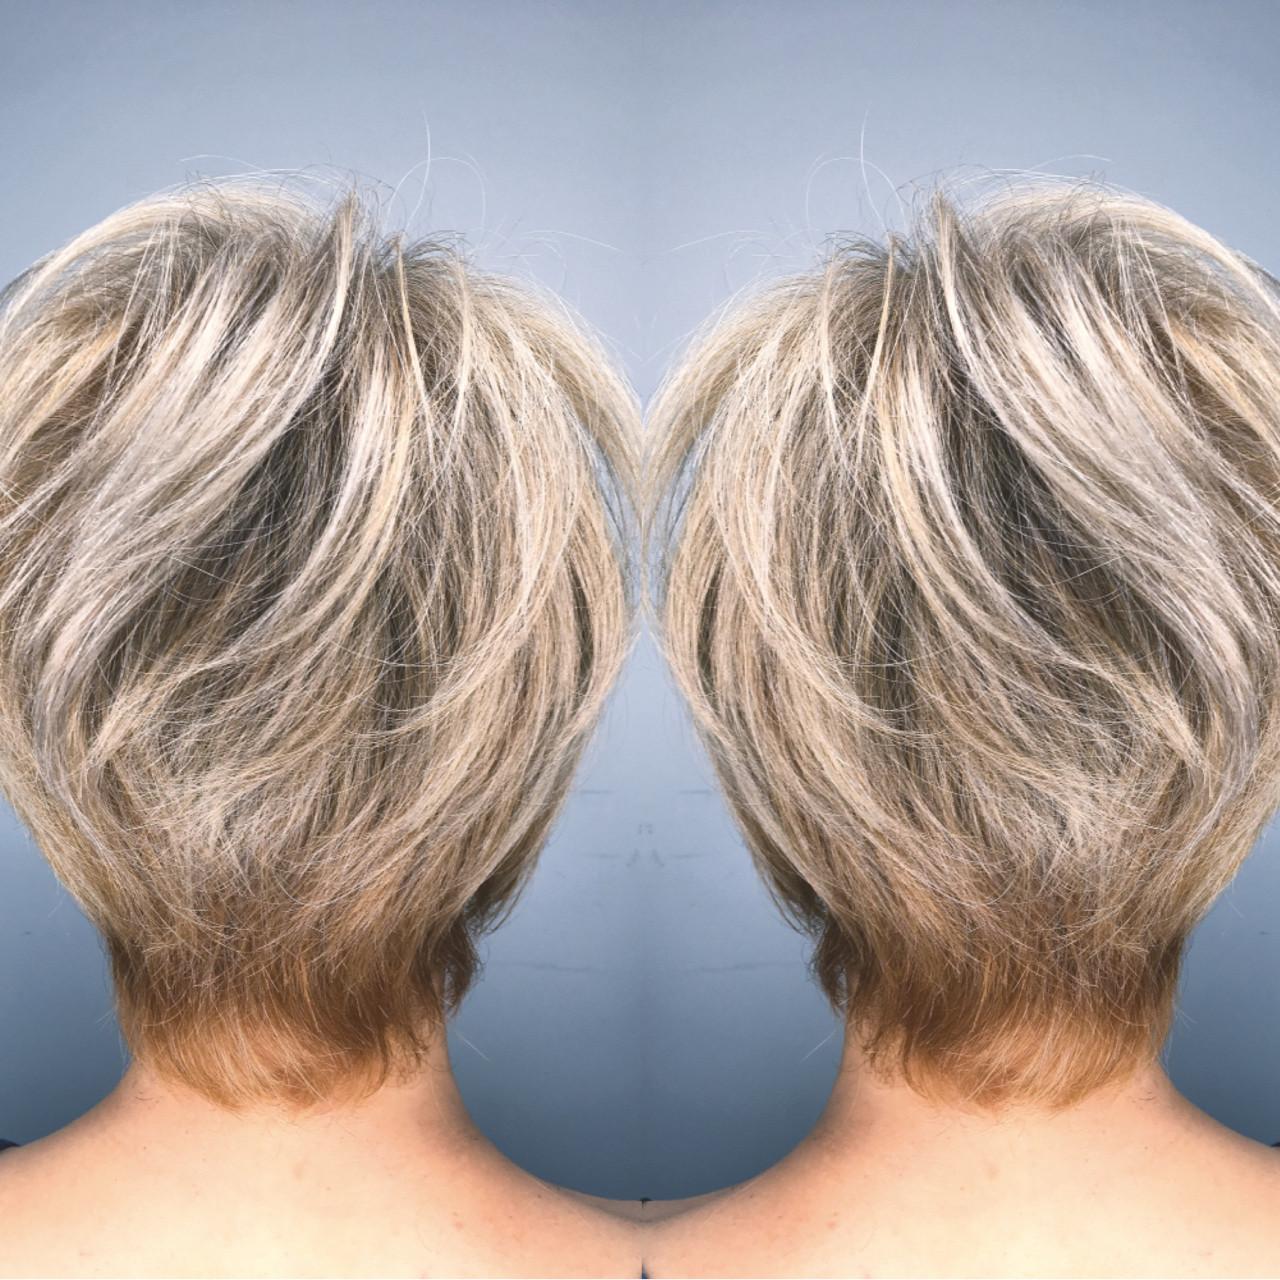 モード ハイライト ショート ハイトーン ヘアスタイルや髪型の写真・画像 | 筒井 隆由 / Hair salon mode